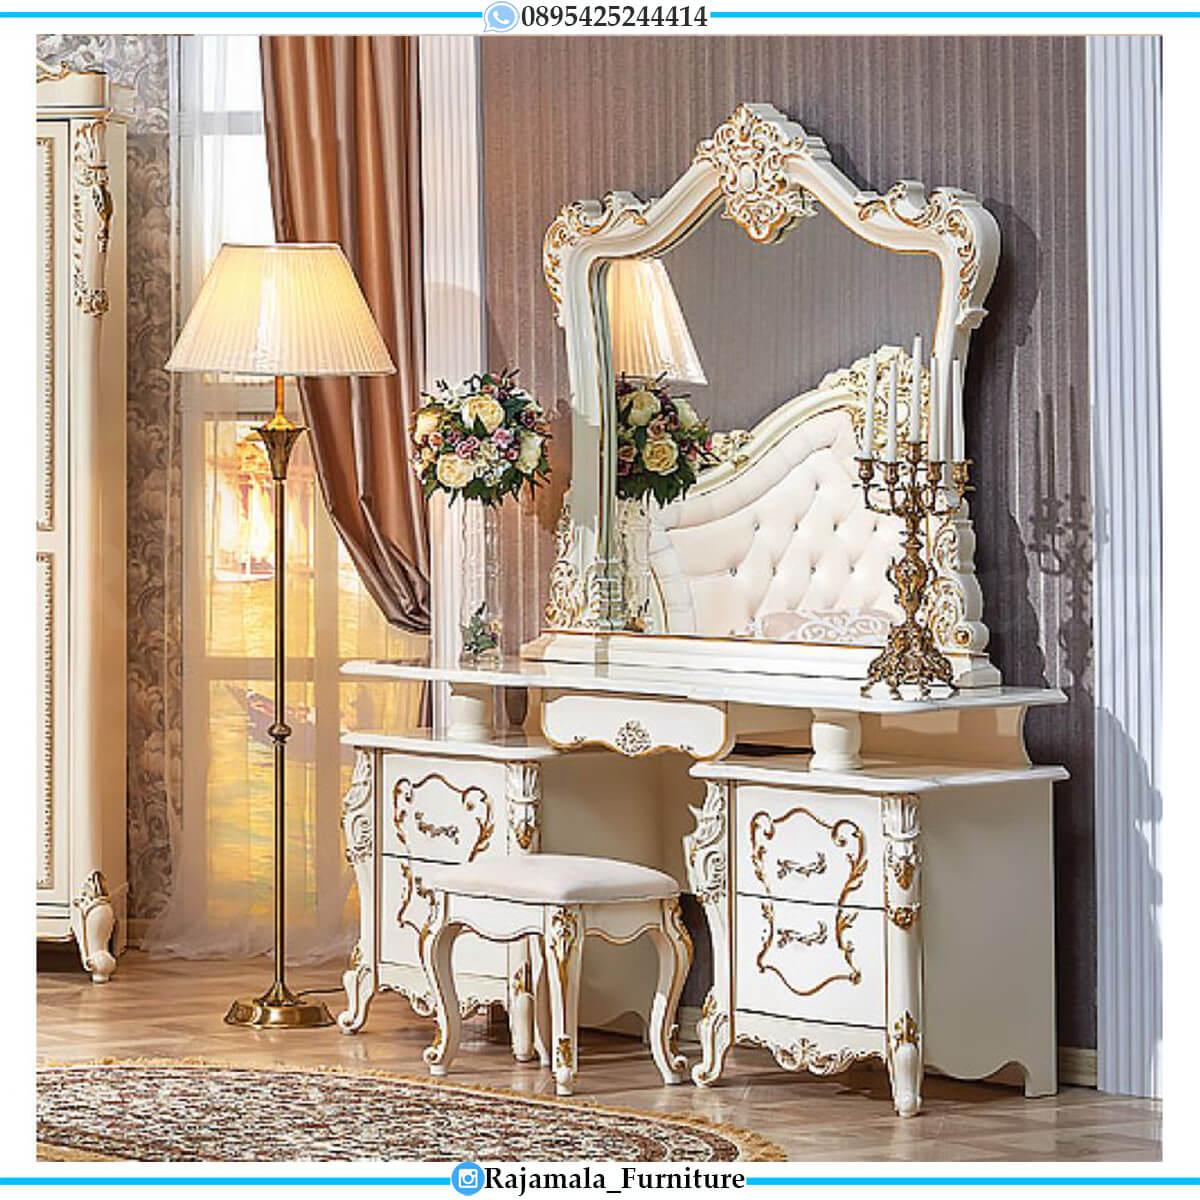 Desain Meja Rias Mewah Putih Duco Classic Luxury Furniture Jepara RM-0582